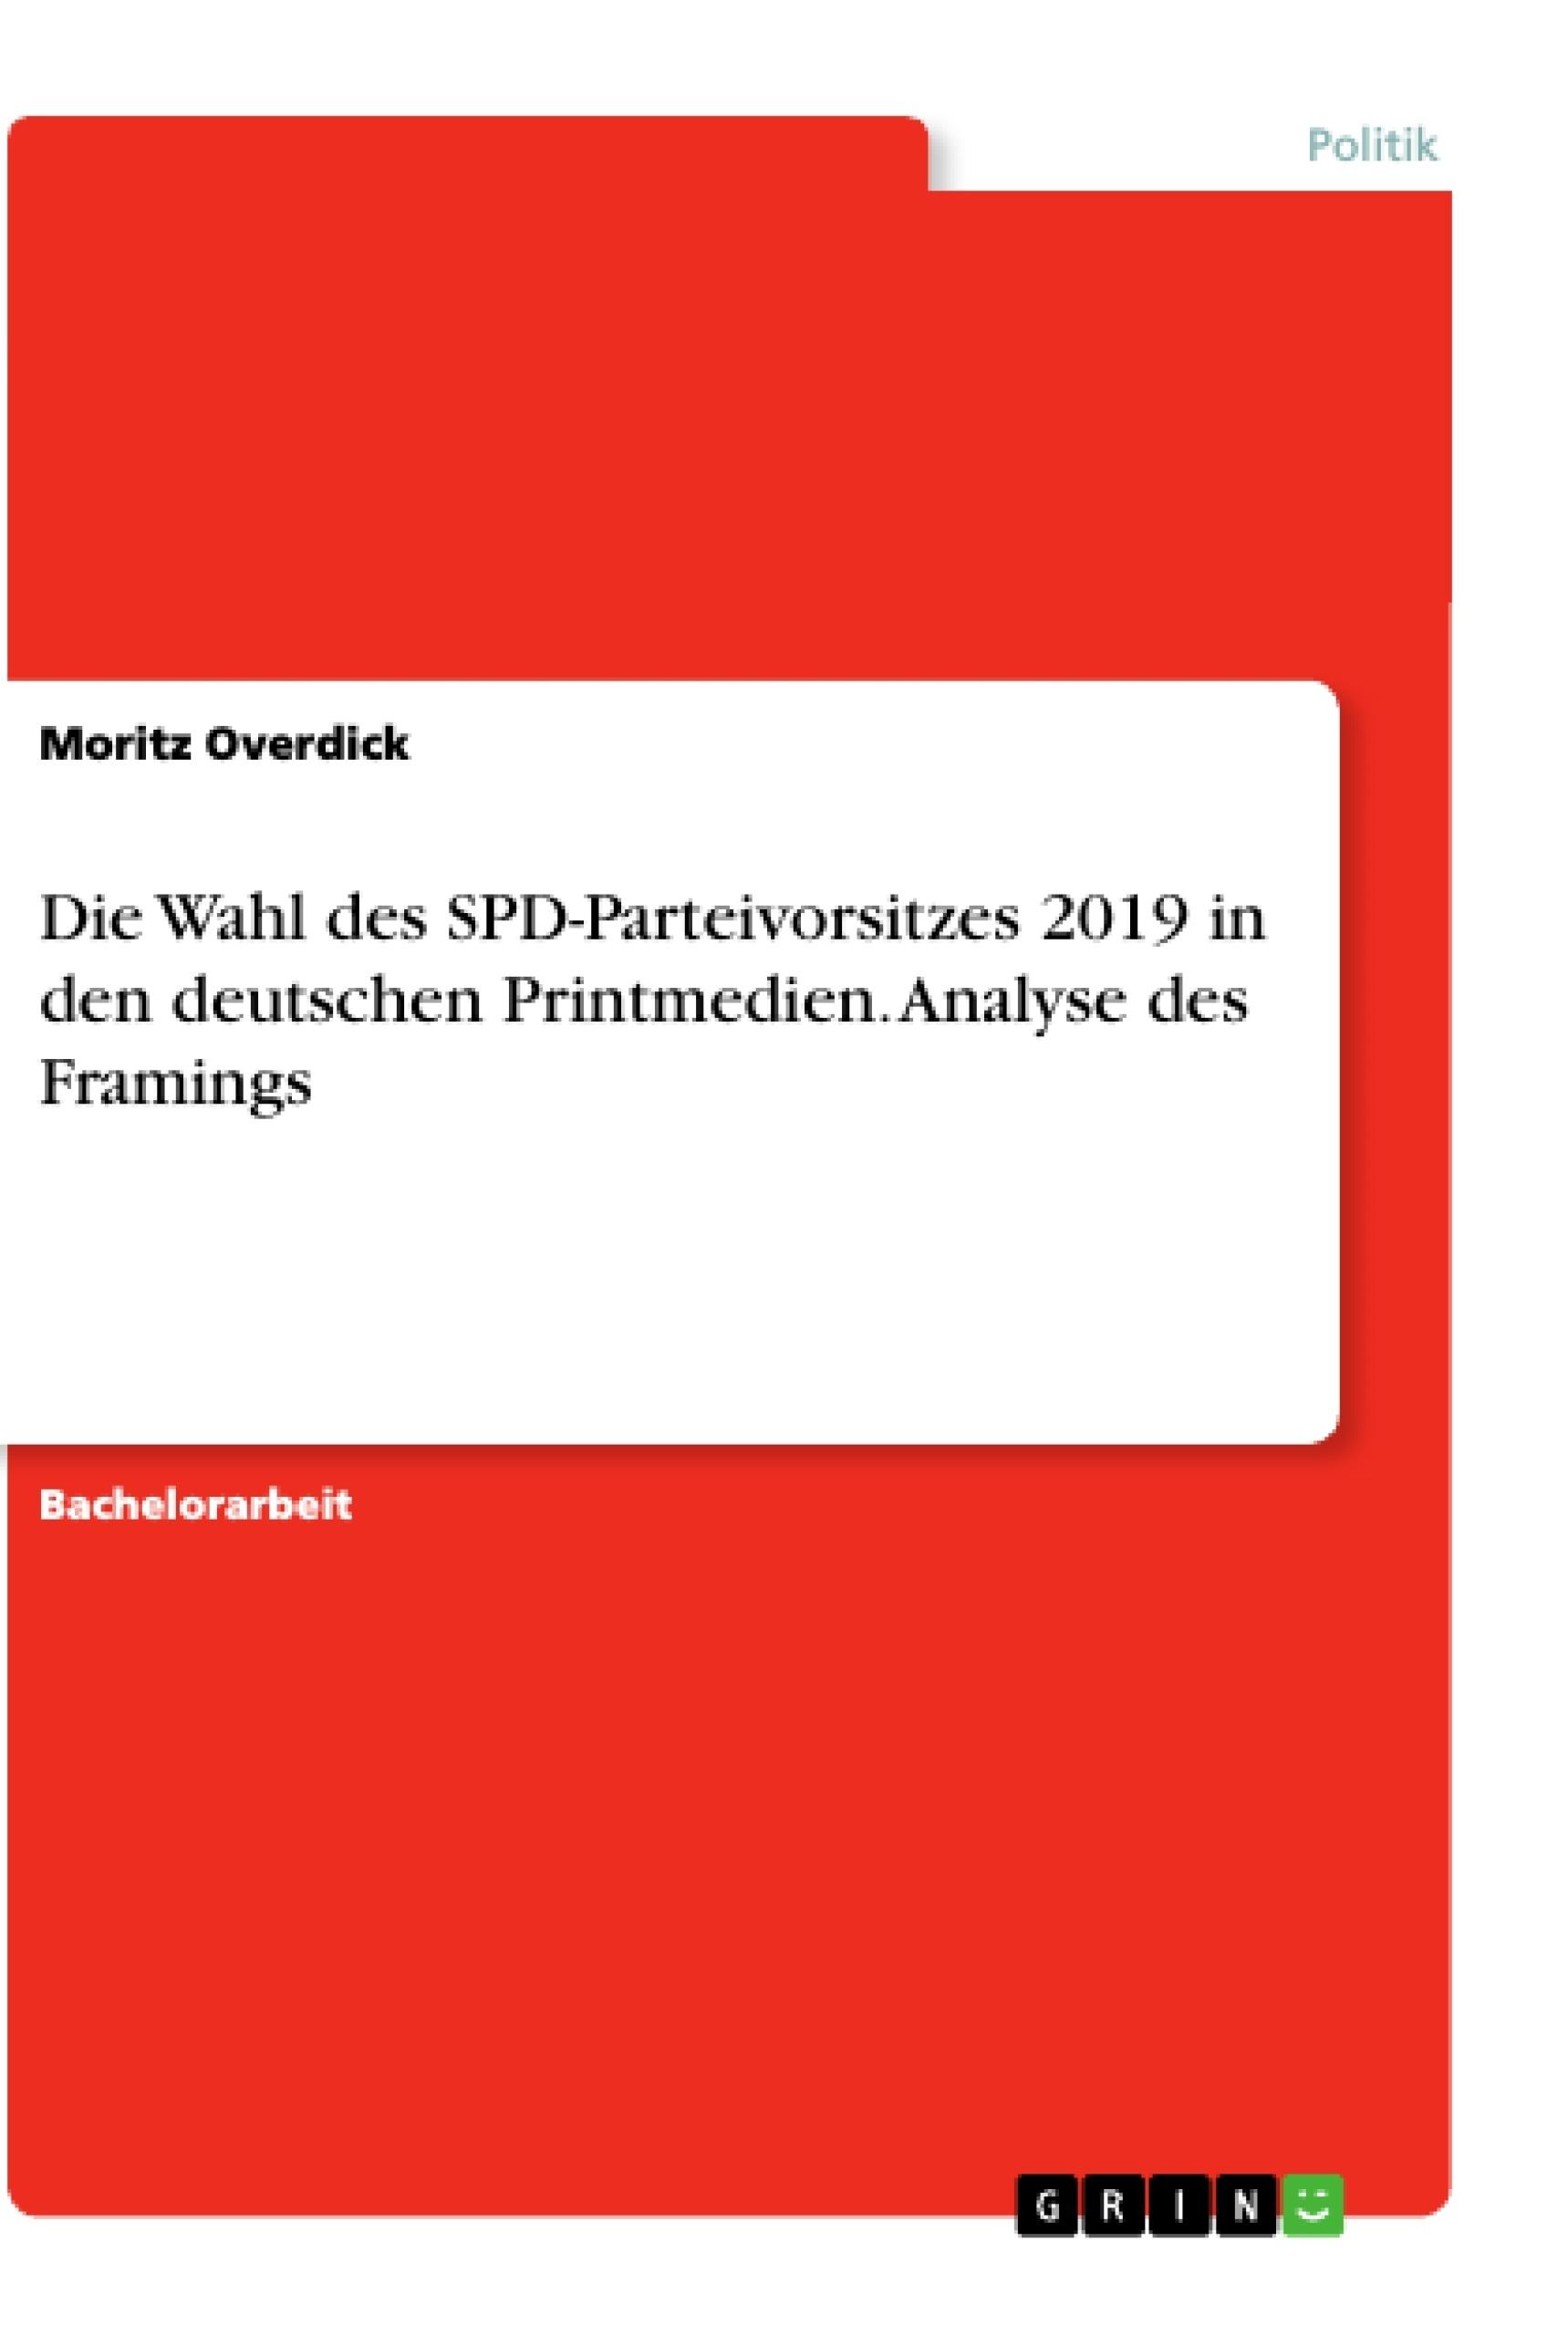 Titel: Die Wahl des SPD-Parteivorsitzes 2019 in den deutschen Printmedien. Analyse des Framings